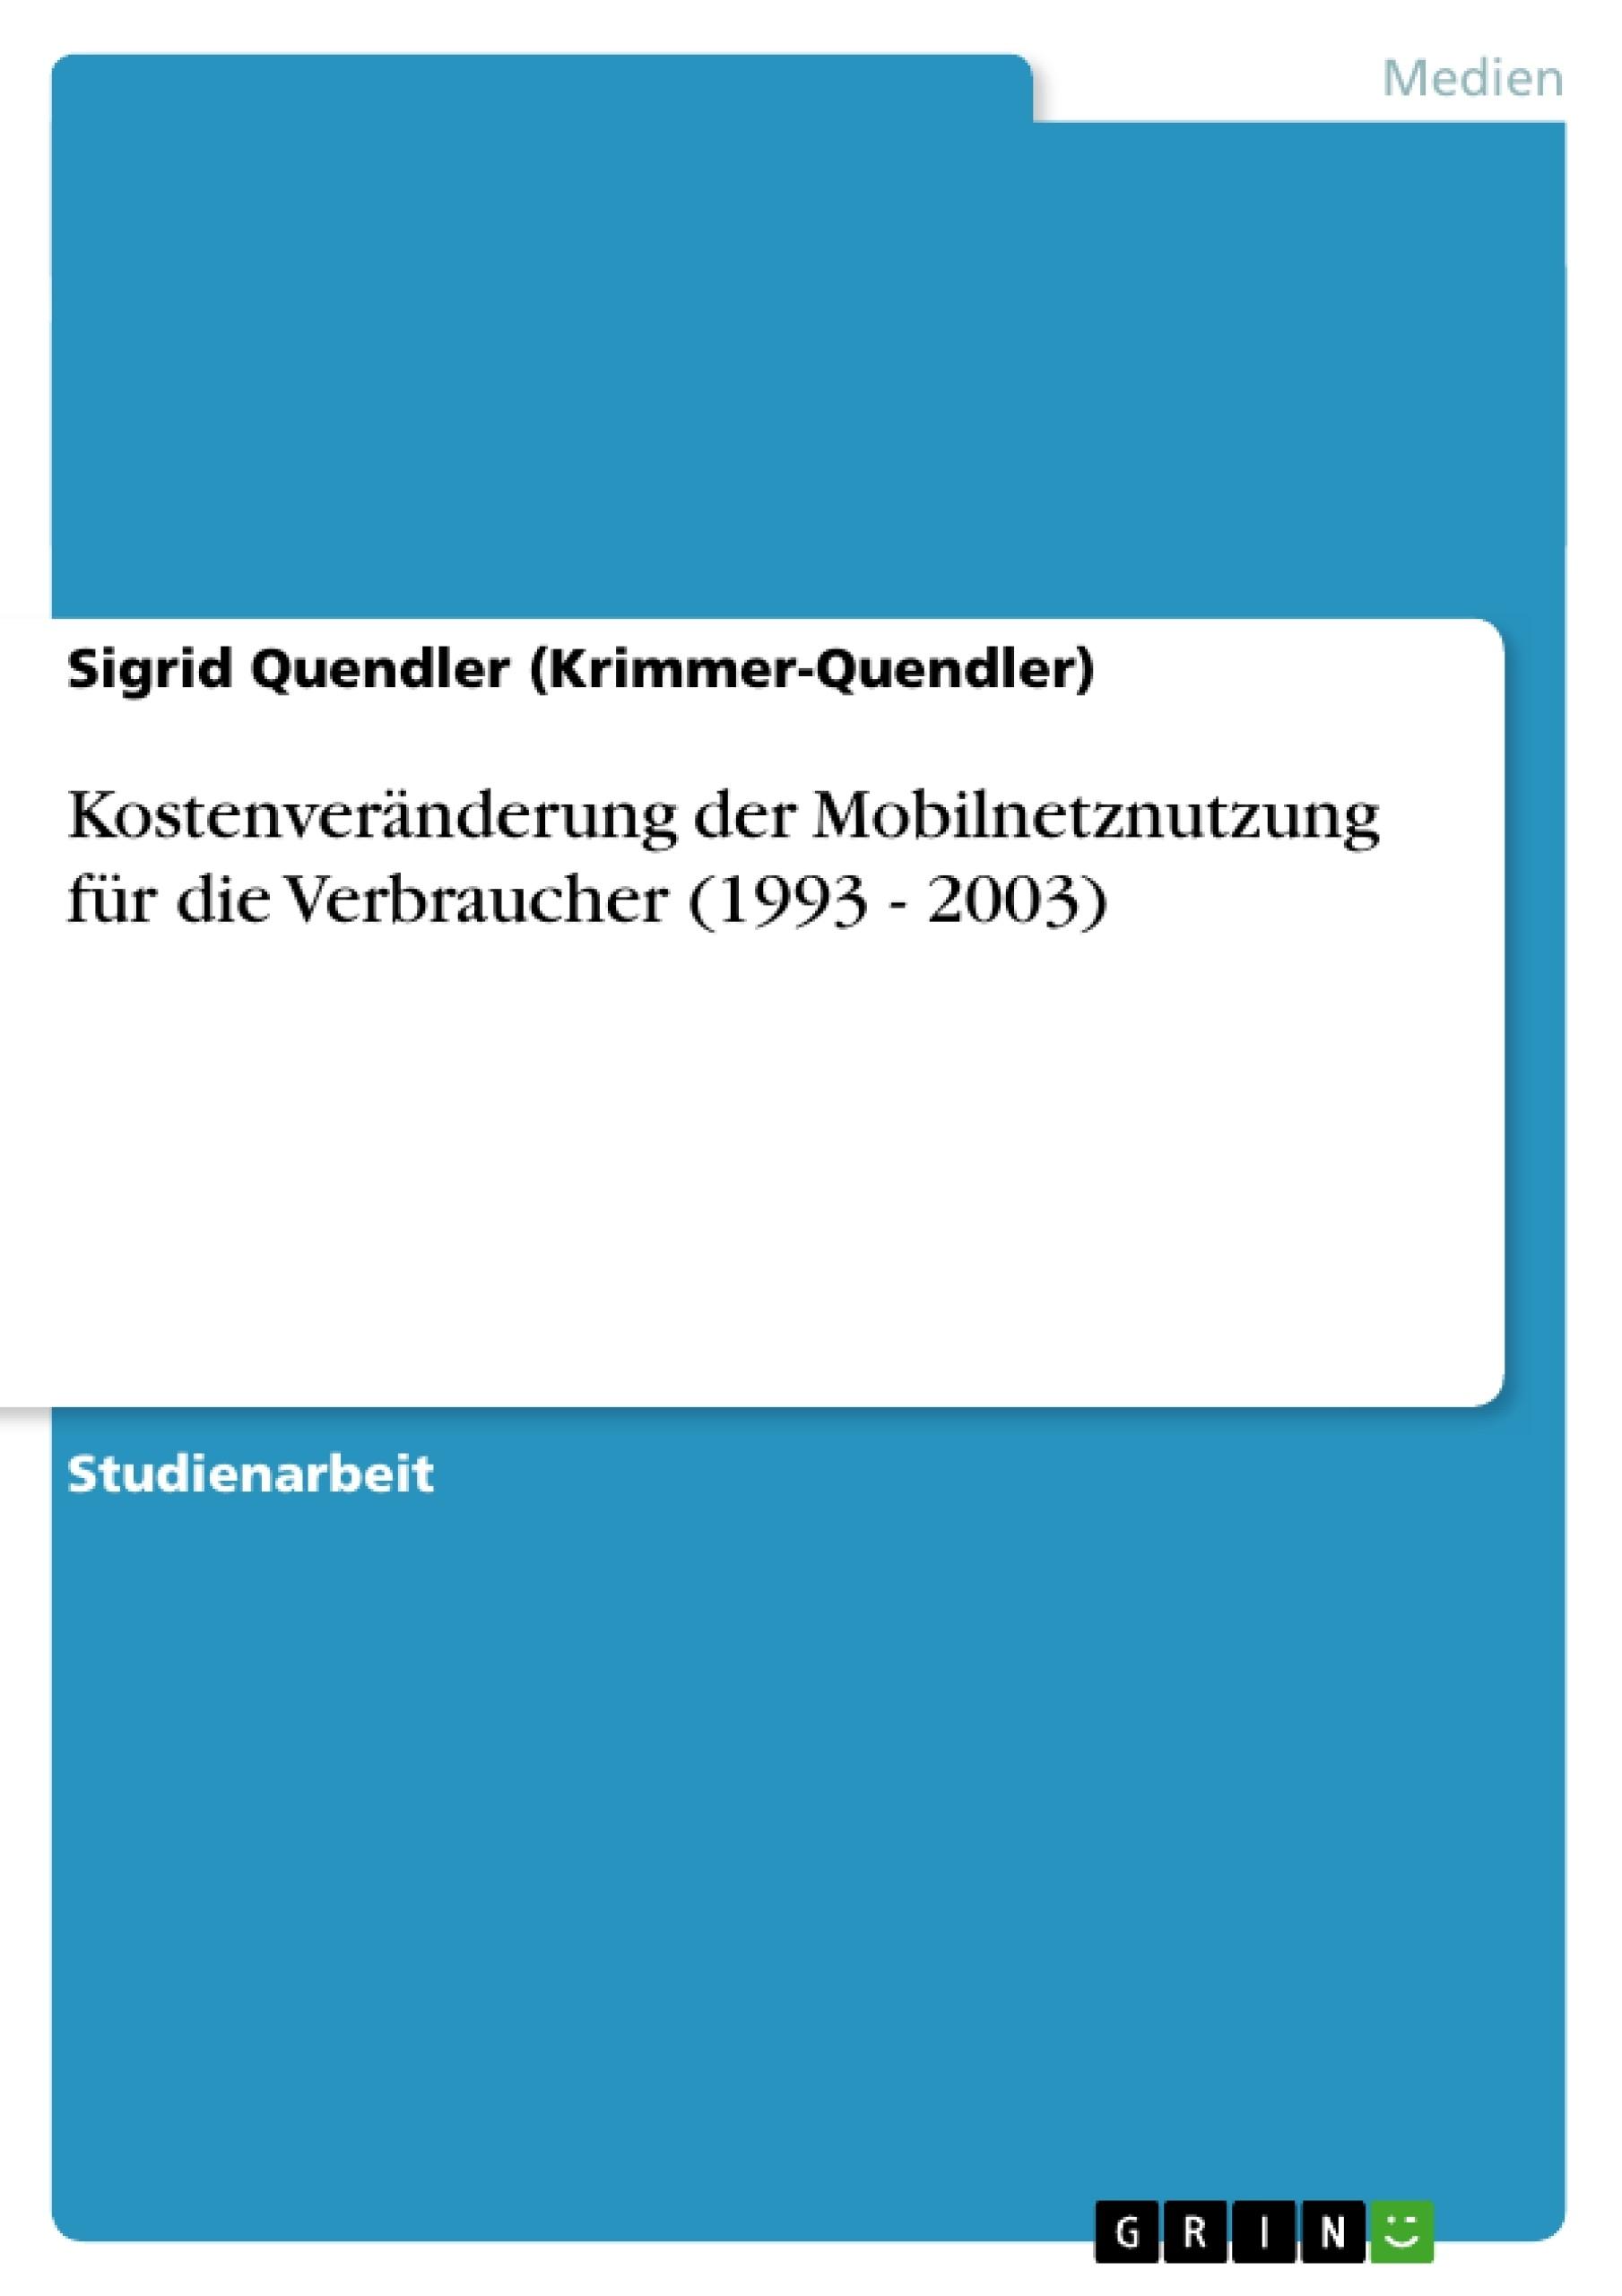 Titel: Kostenveränderung der Mobilnetznutzung für die Verbraucher (1993 - 2003)